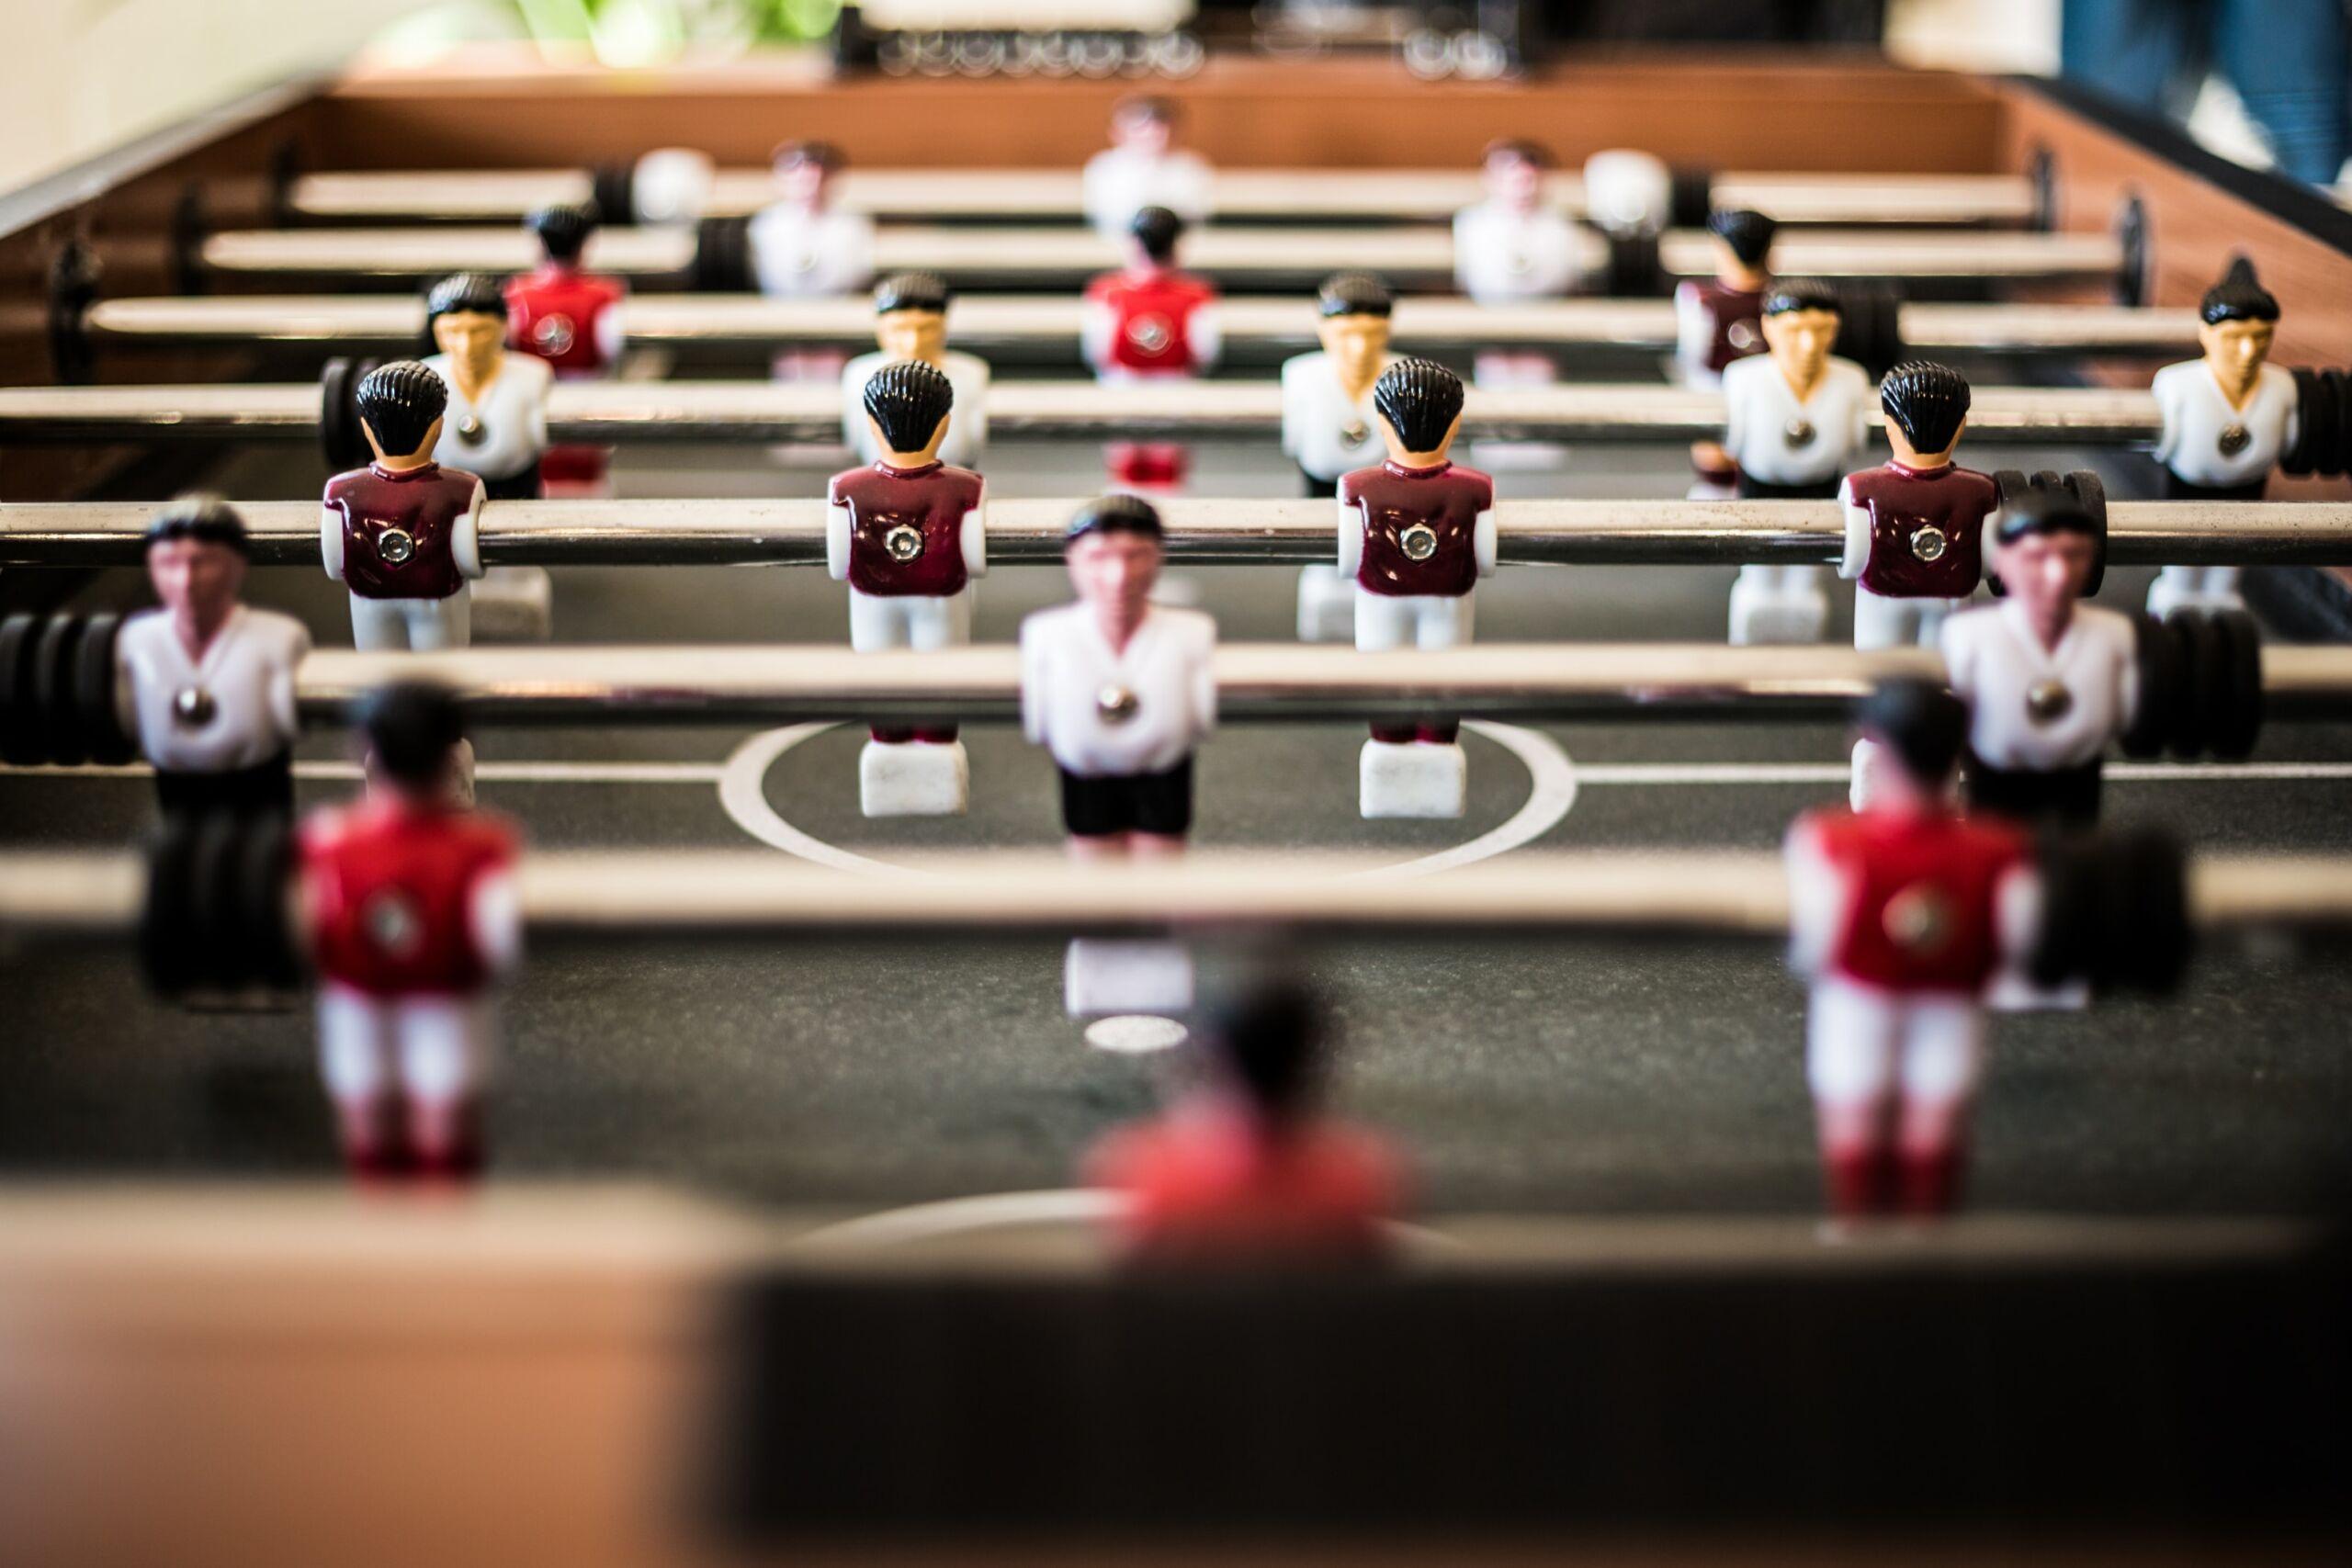 Bild mit einem Kicker Tisch mit roten und weißen Spielern